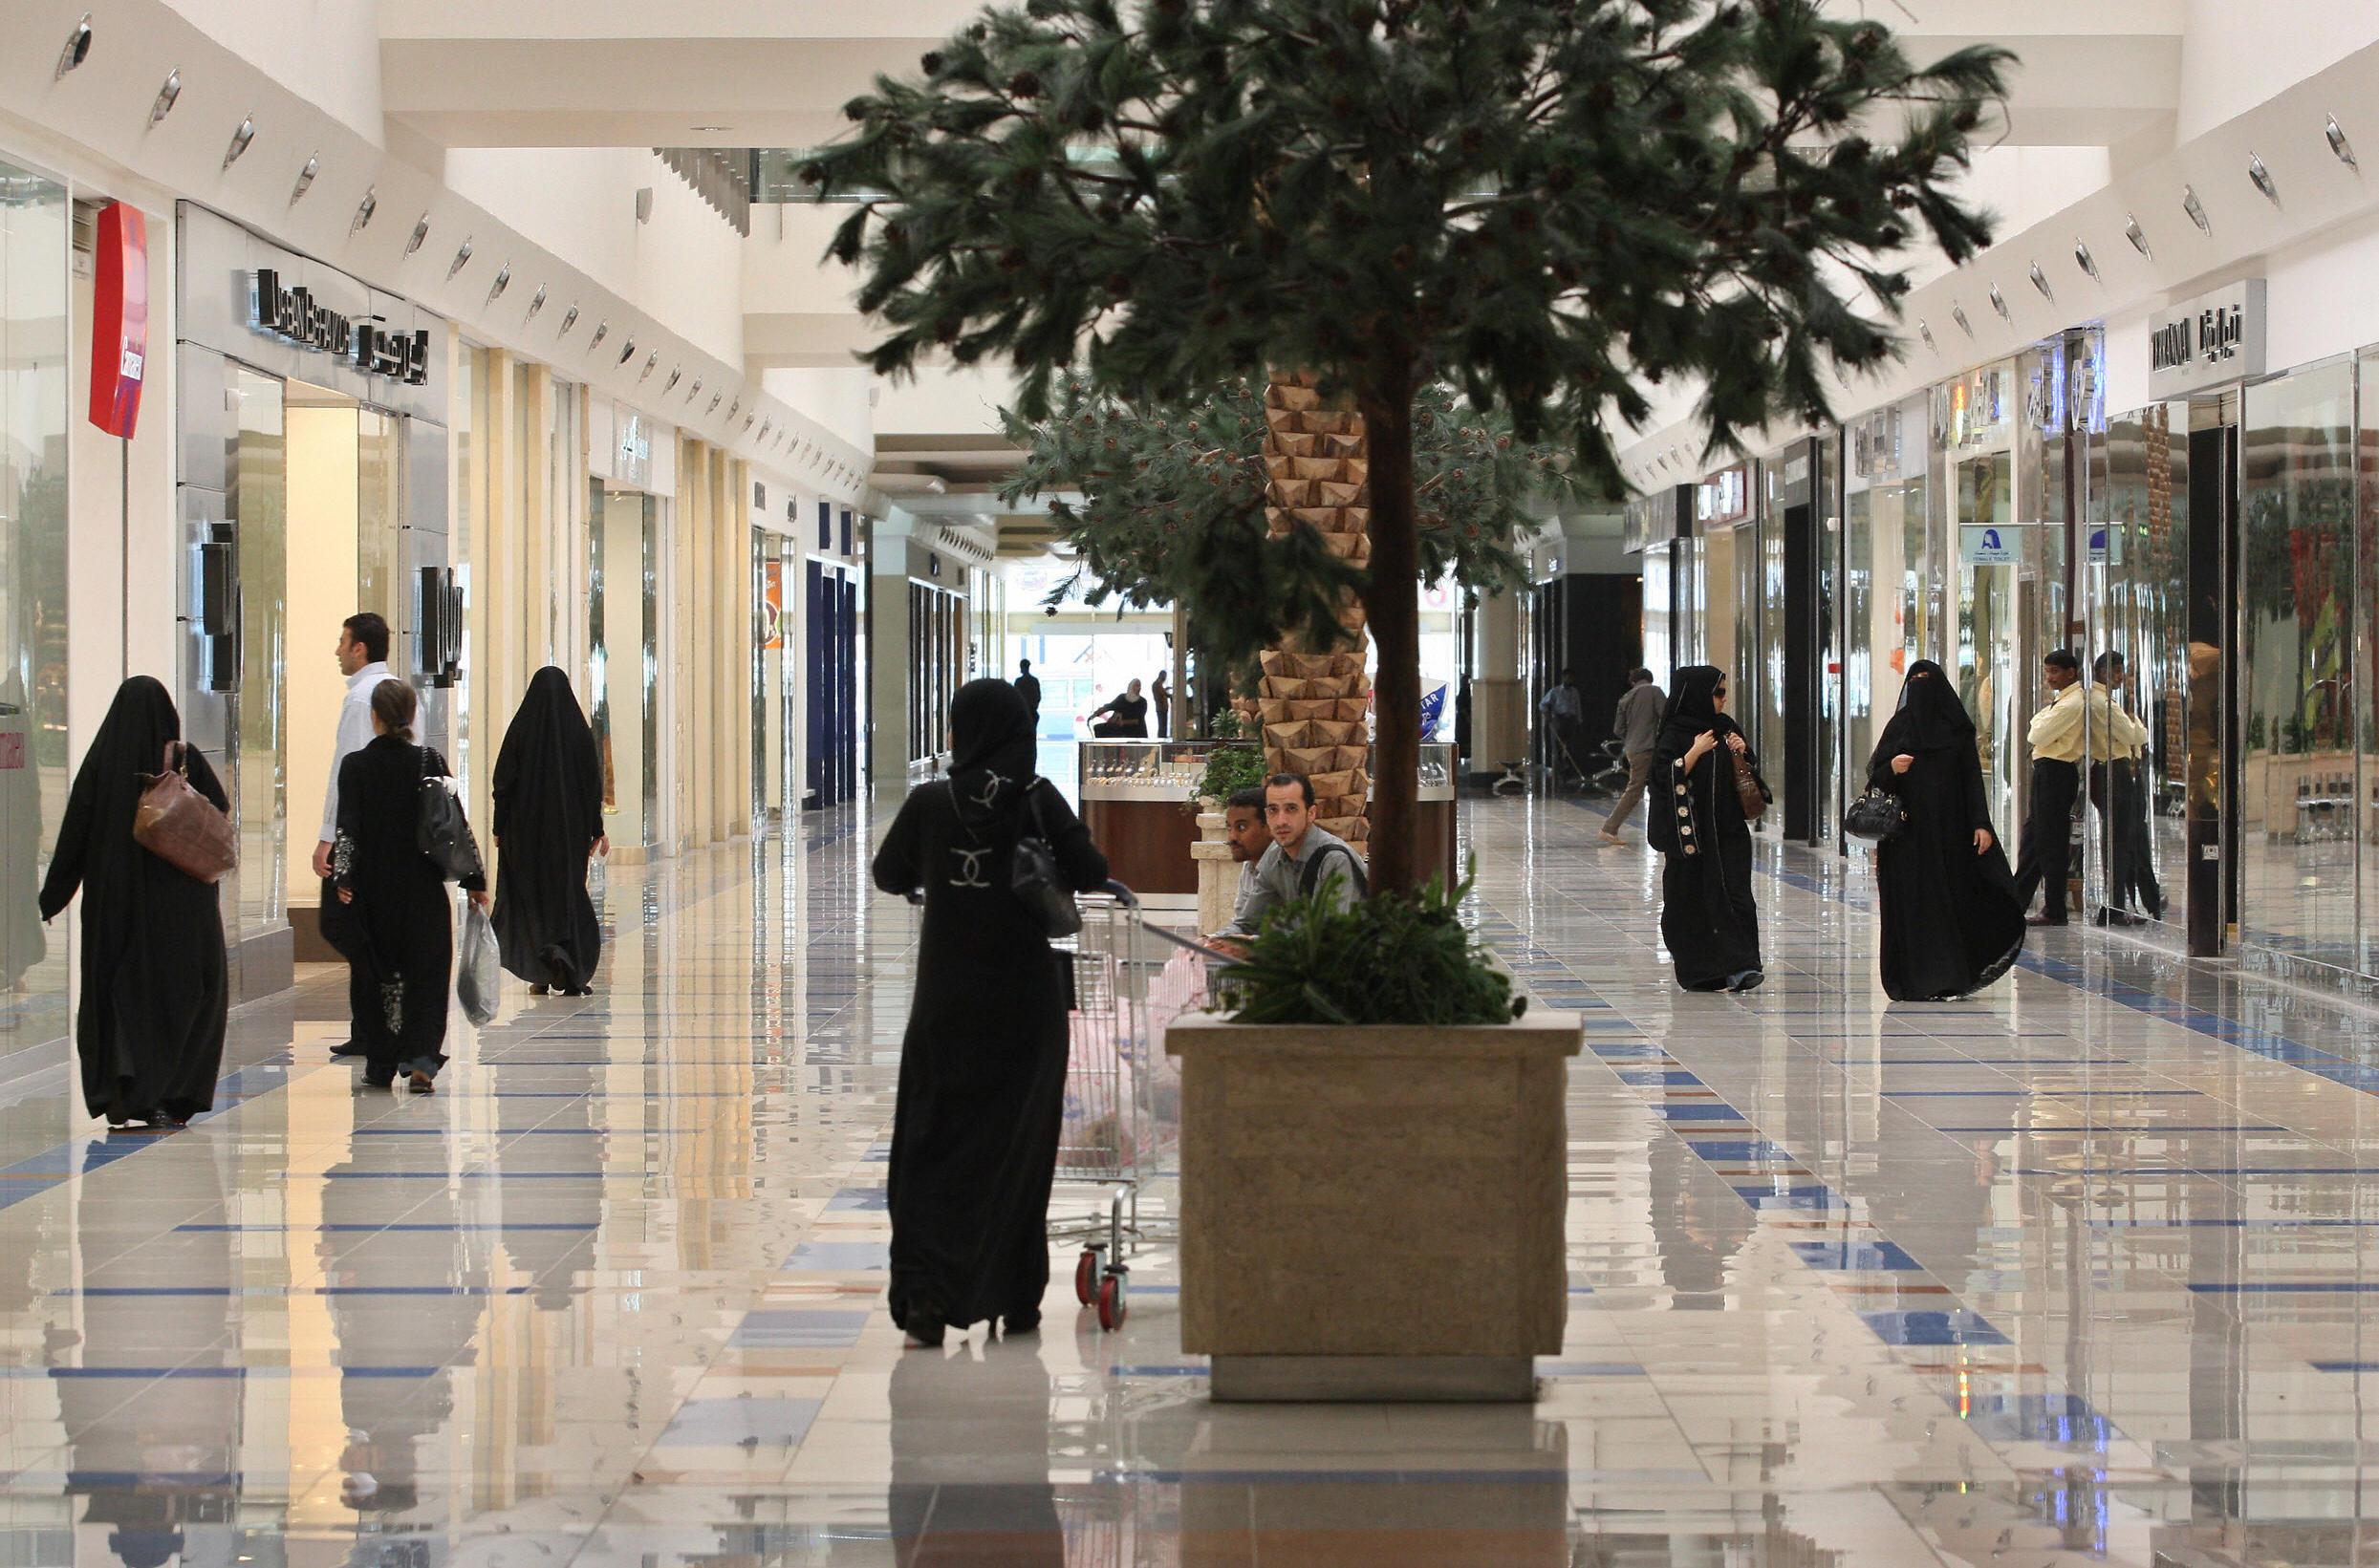 Saudi women walk at a shopping mall in the Saudi capital of Riyadh